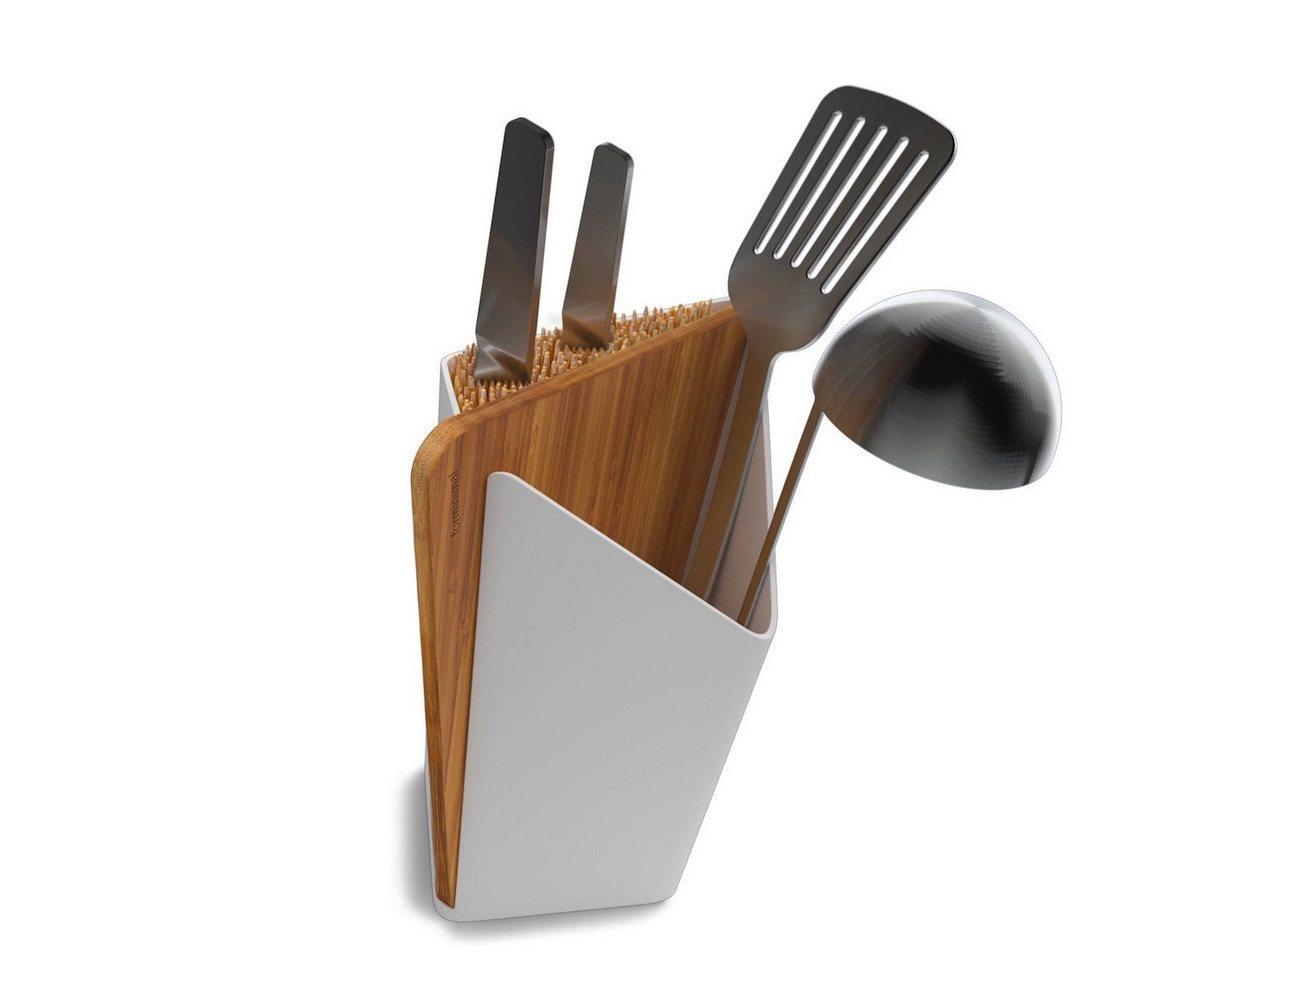 forminimal-utensil-holder-board-04